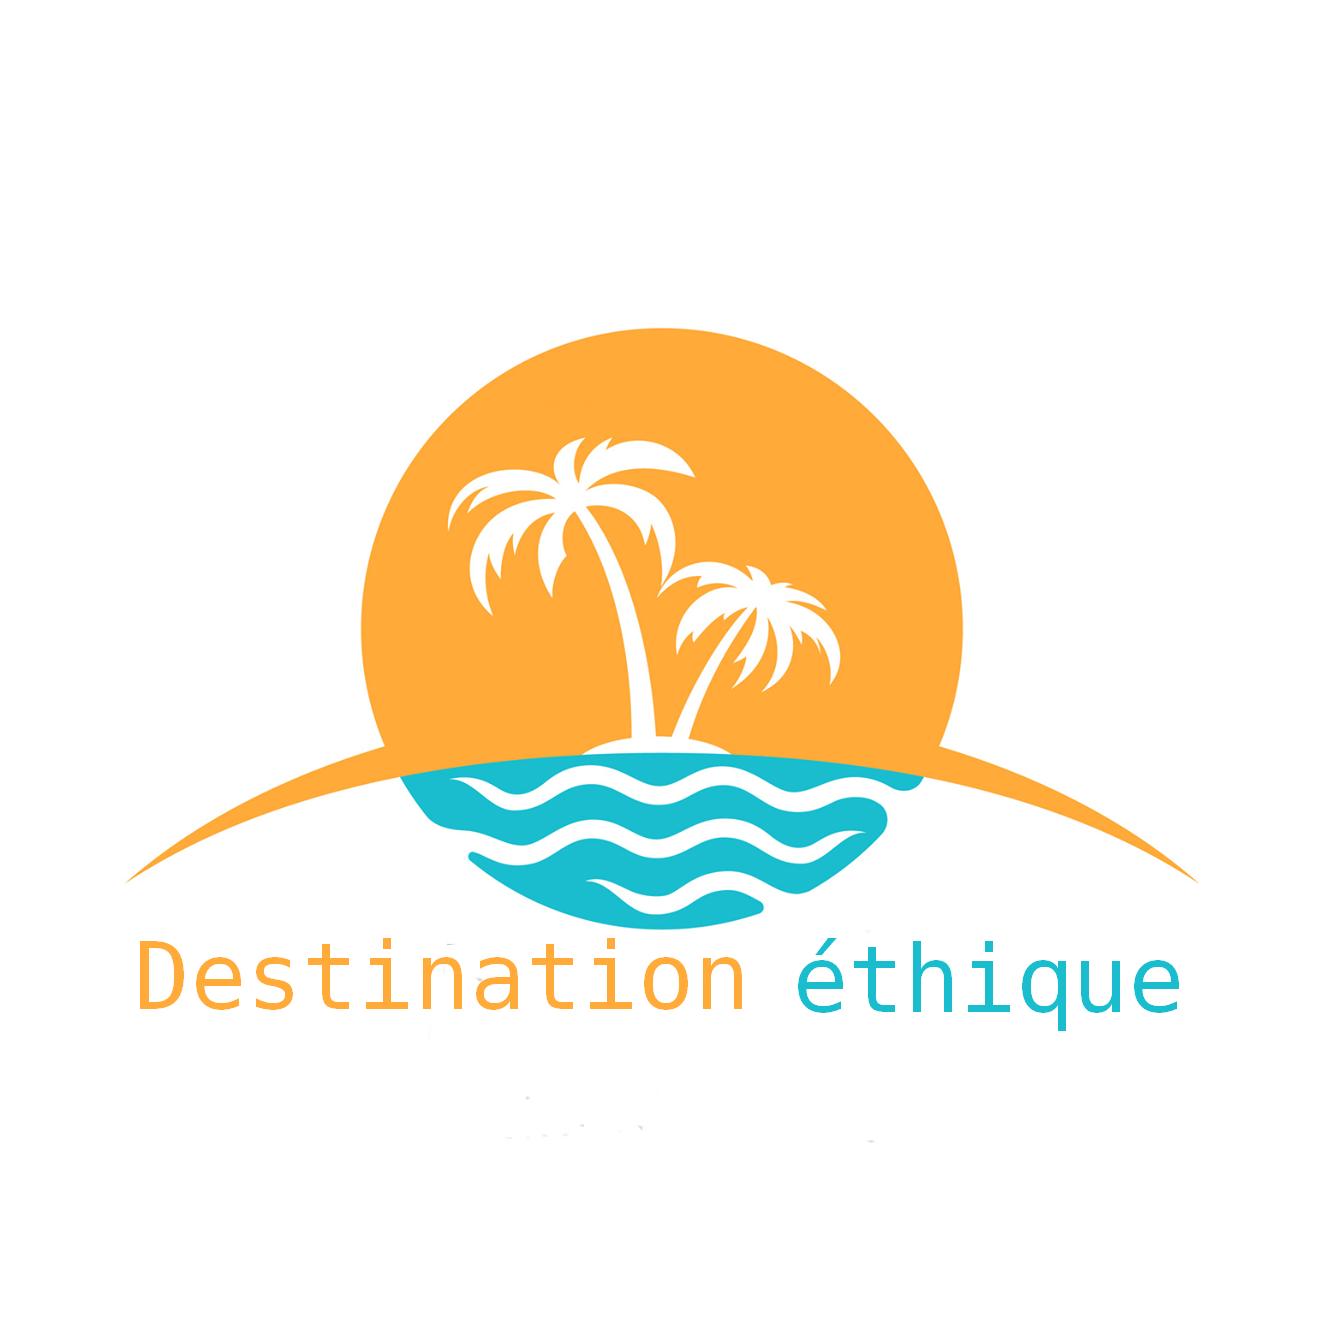 voyage ethique